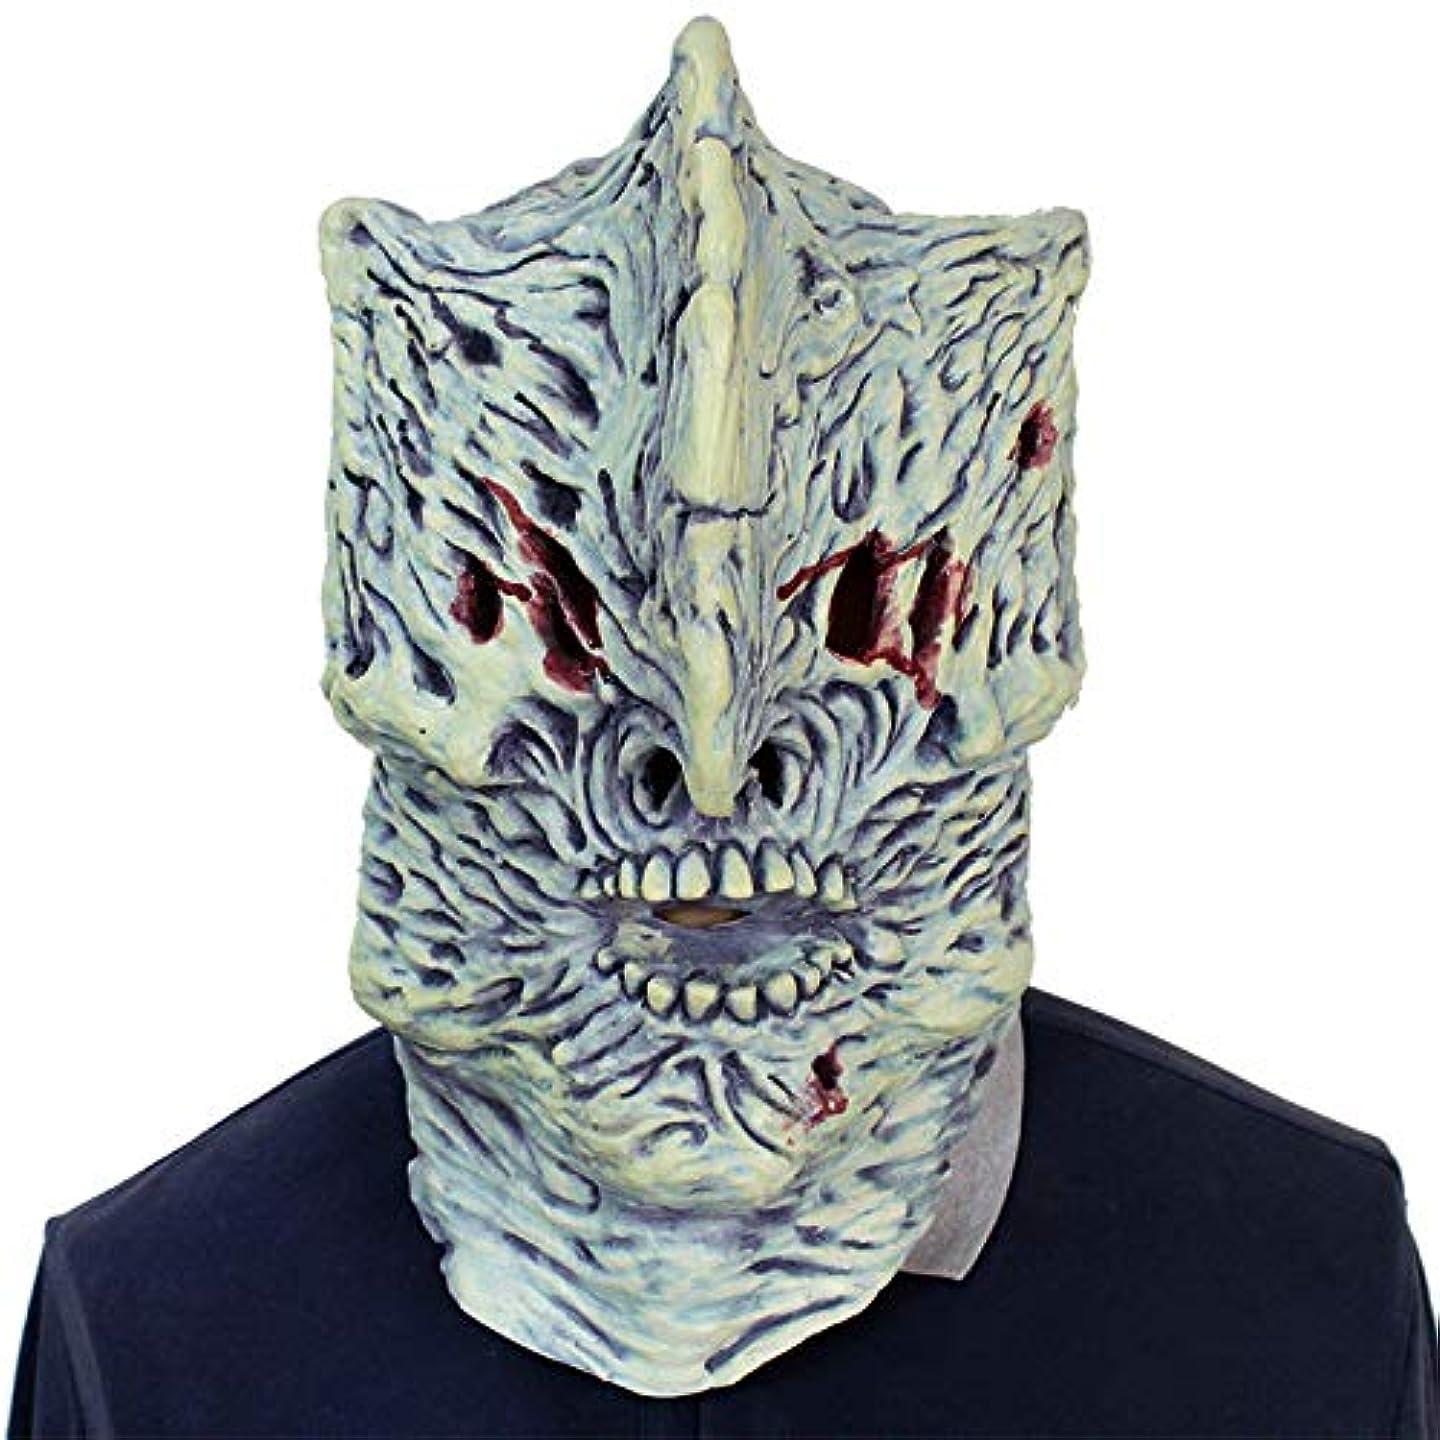 に渡ってくちばし疫病ハロウィーンボールお化け屋敷テロリストフード付きラテックスマスク